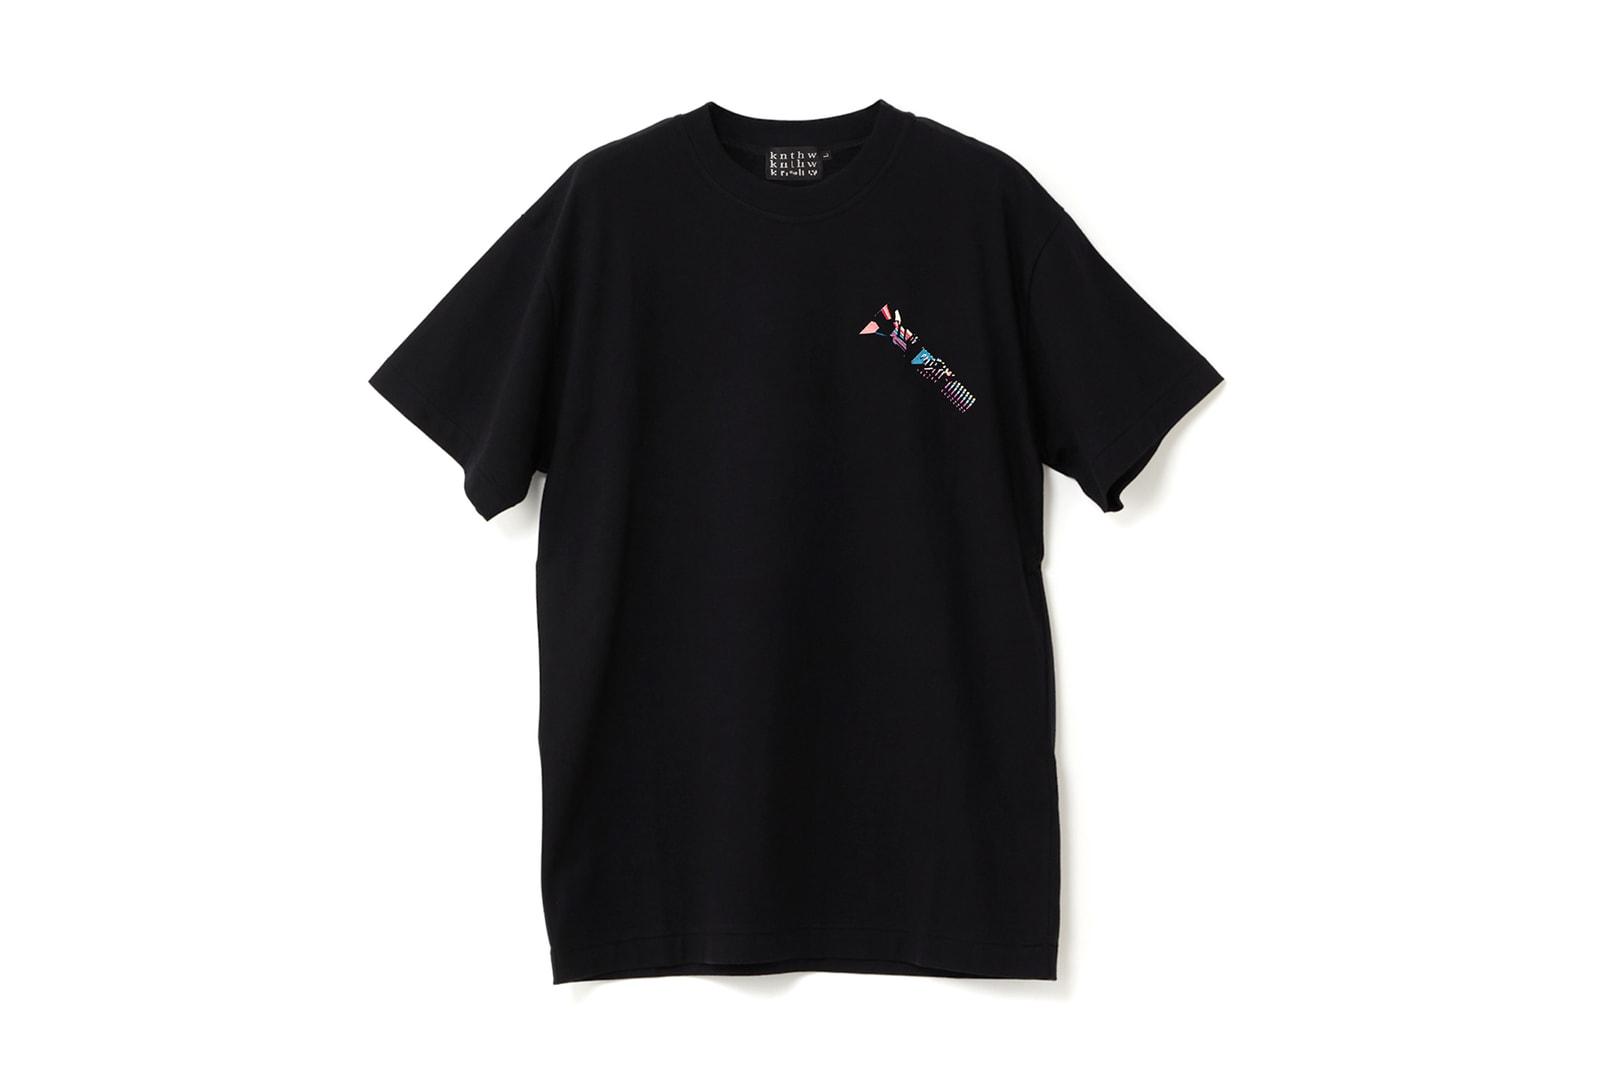 スケートボード 異端児 吉岡賢人  ブランド kento hardware ハードウェア ビス Tシャツ